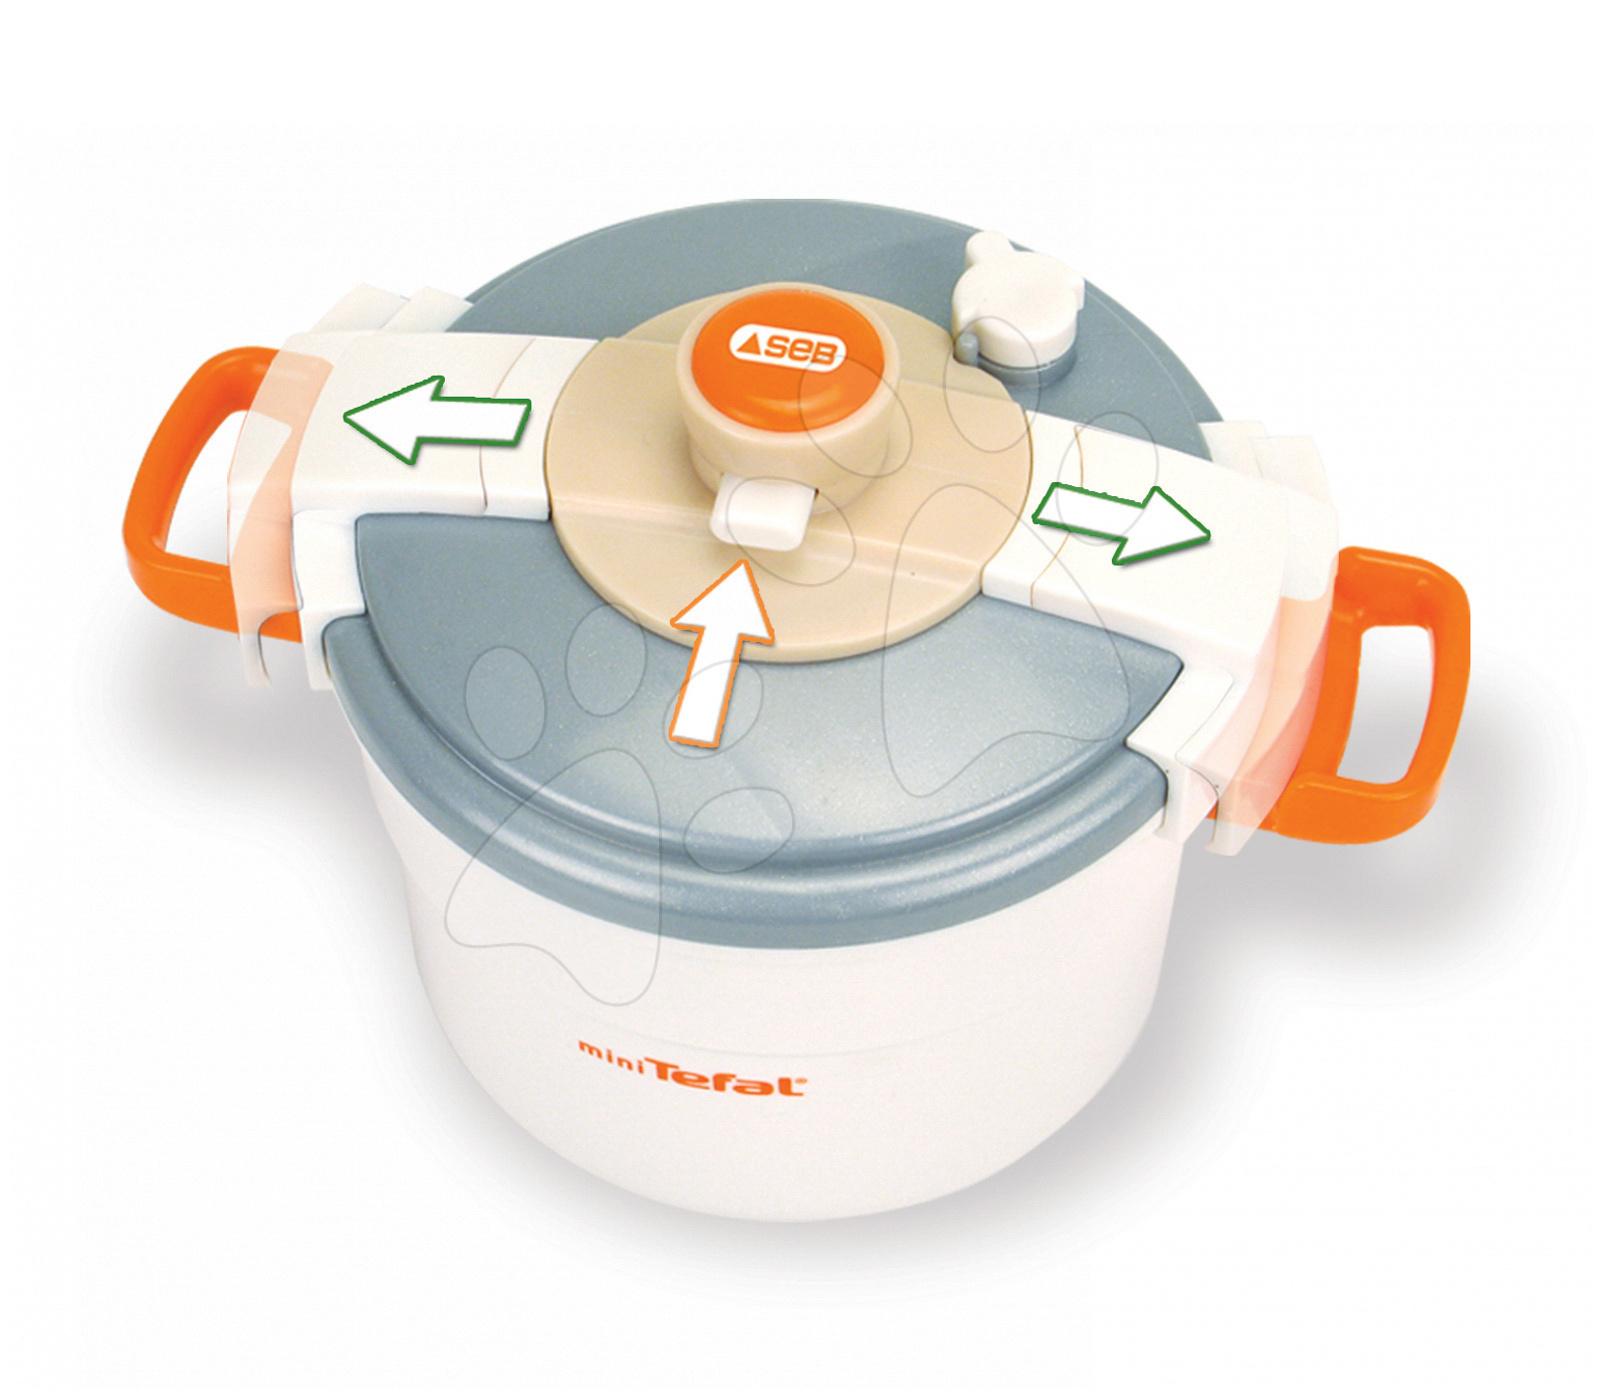 Spotrebiče do kuchynky - Tlakový hrniec Mini Tefal Smoby s mechanickým zvukom bielo-oranžový